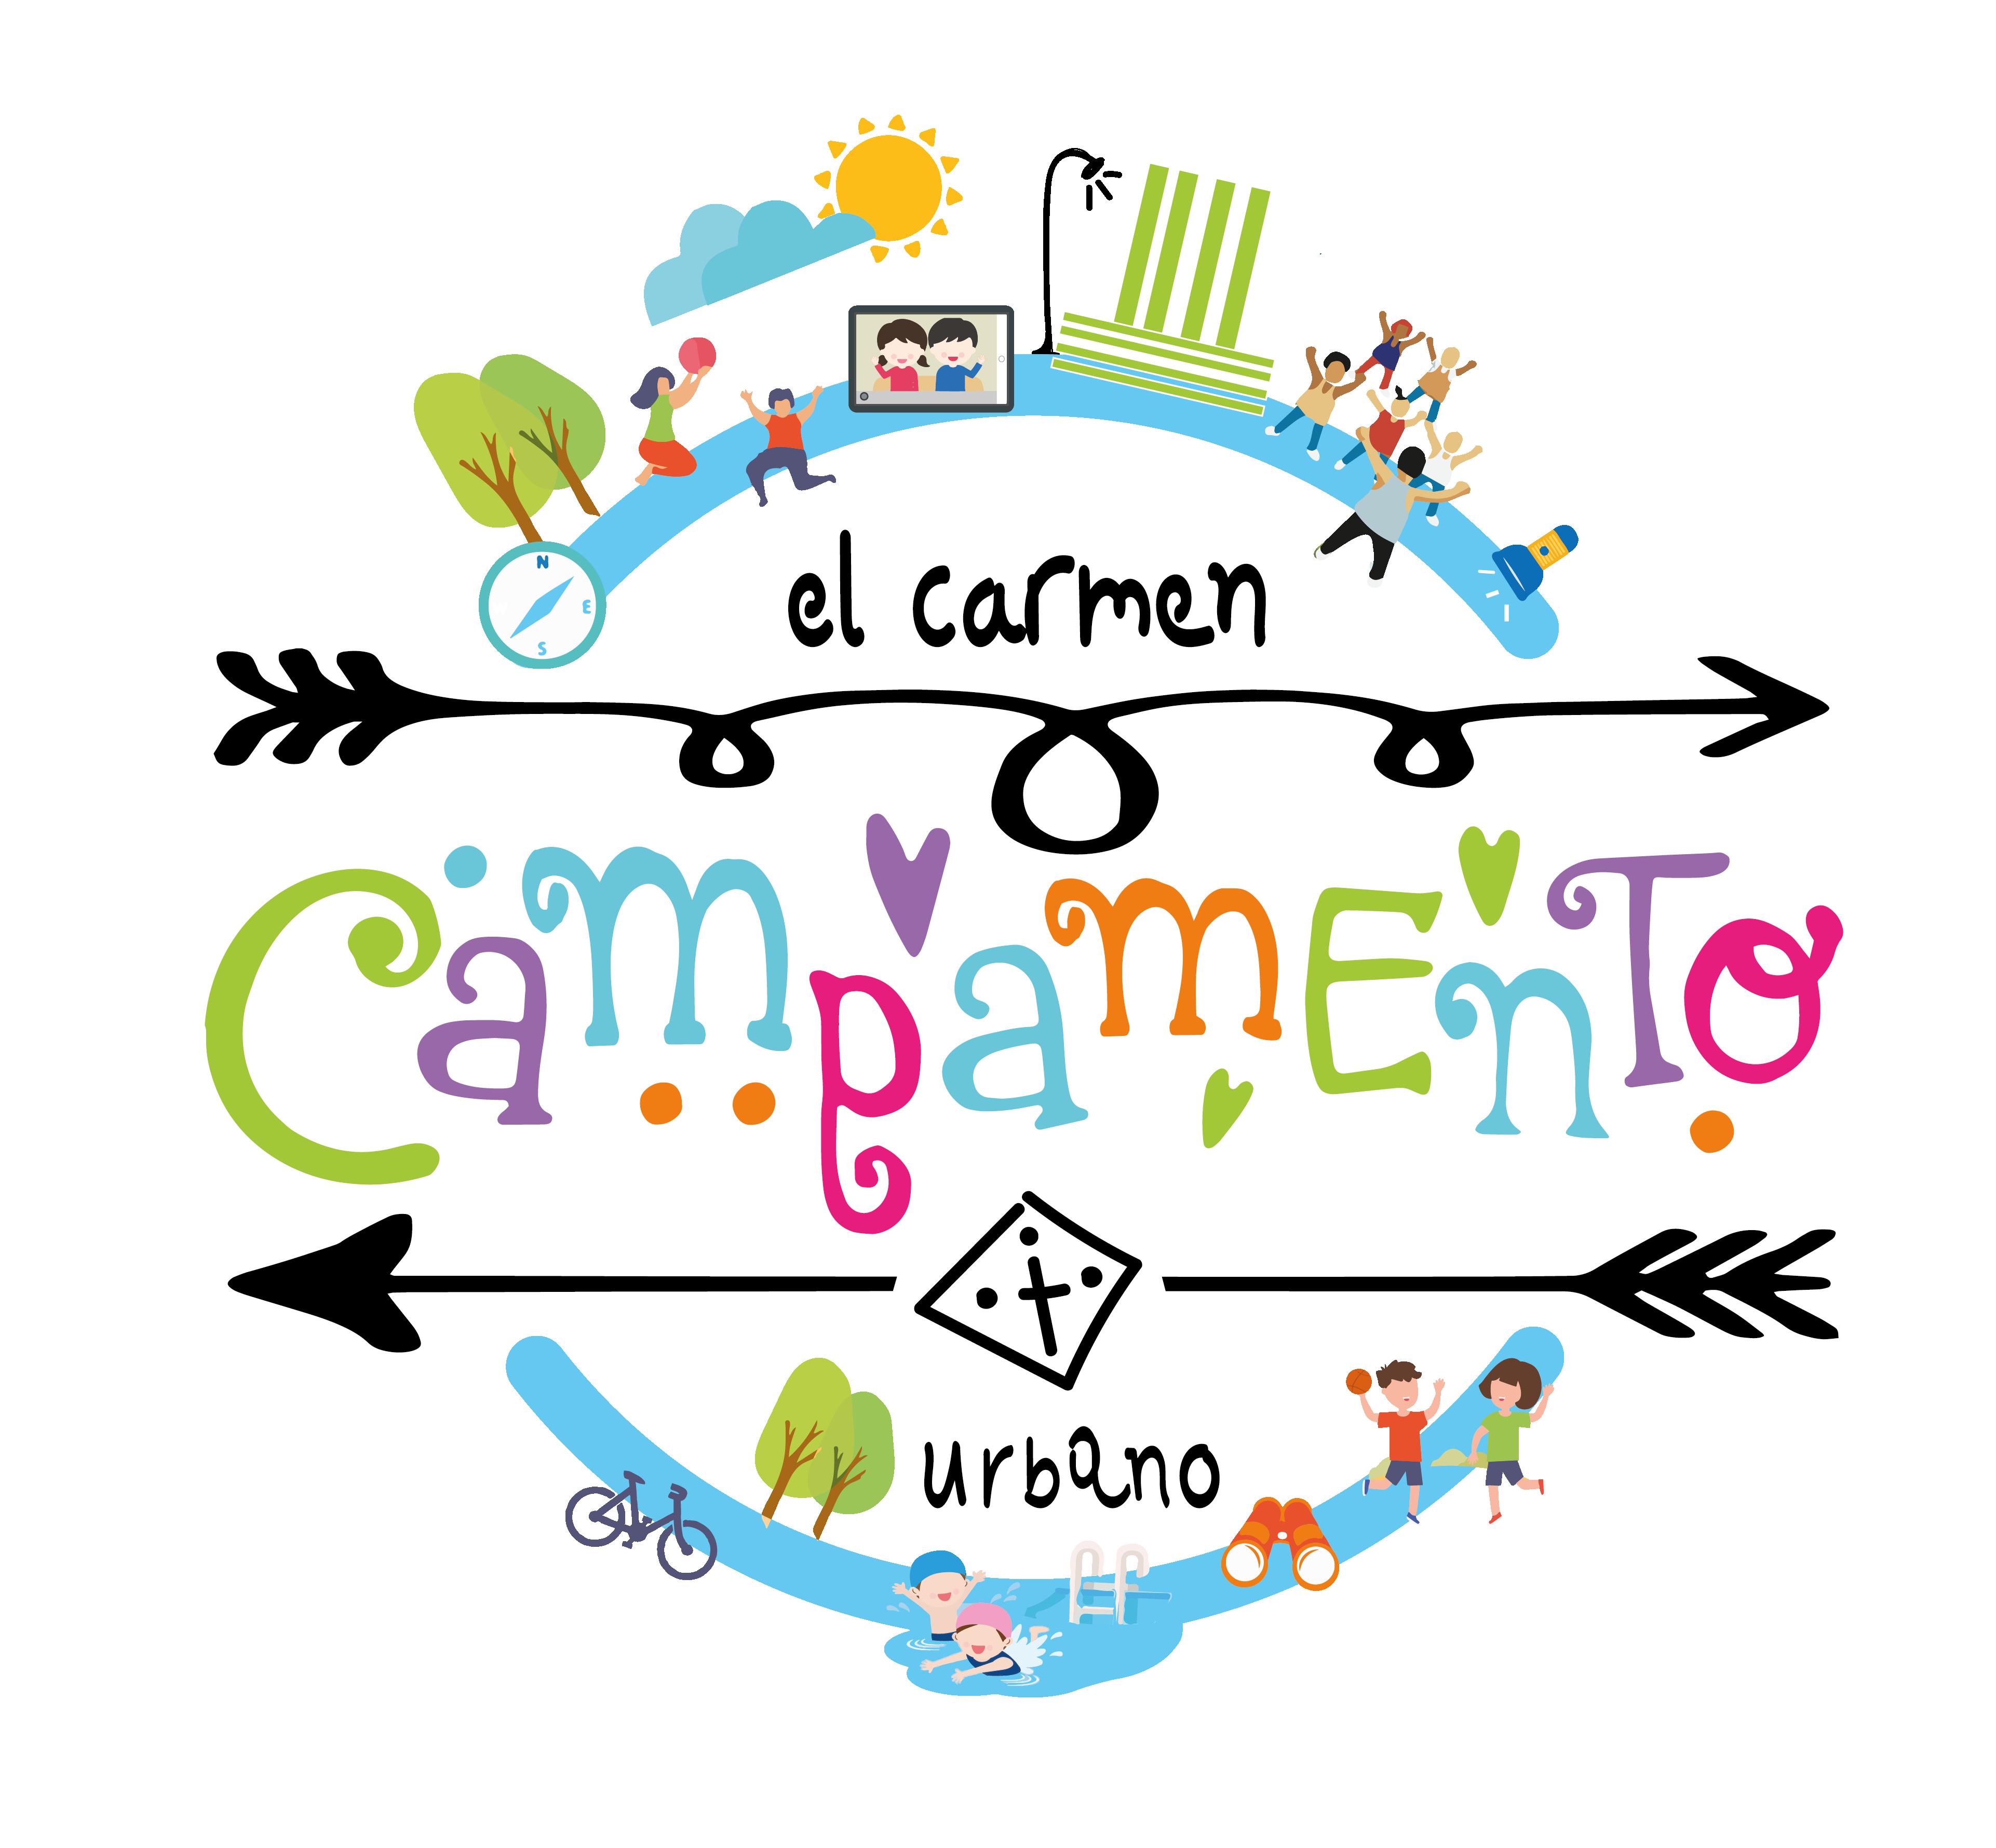 Porque tus sueños son los nuestros, clave imagen principal de la campaña de a de matriculaciones de bachillerato, Colegio Virgen del Carmen - Carmelitas Descalzos - Córdoba